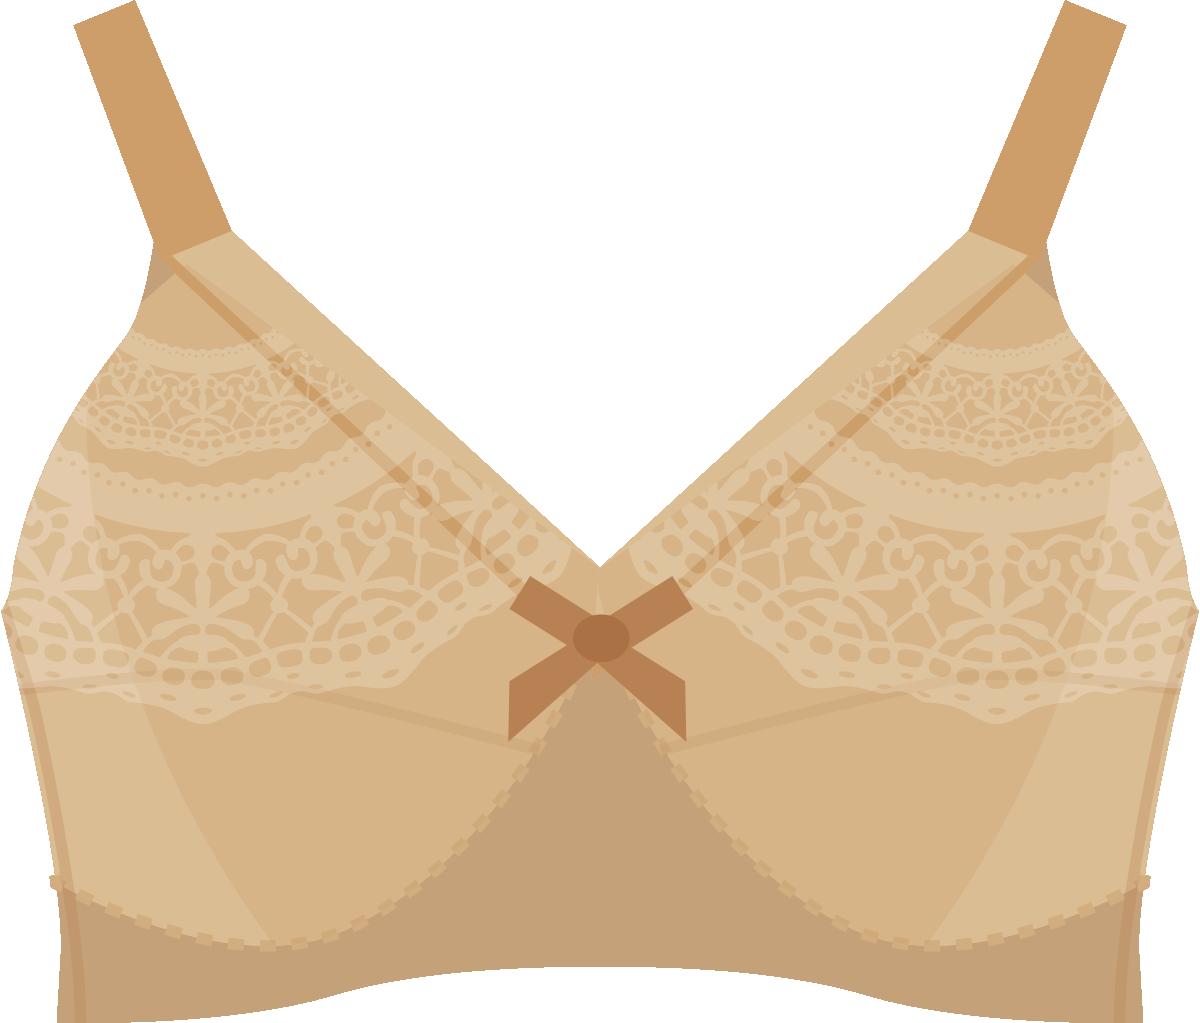 女性用下着のイラスト